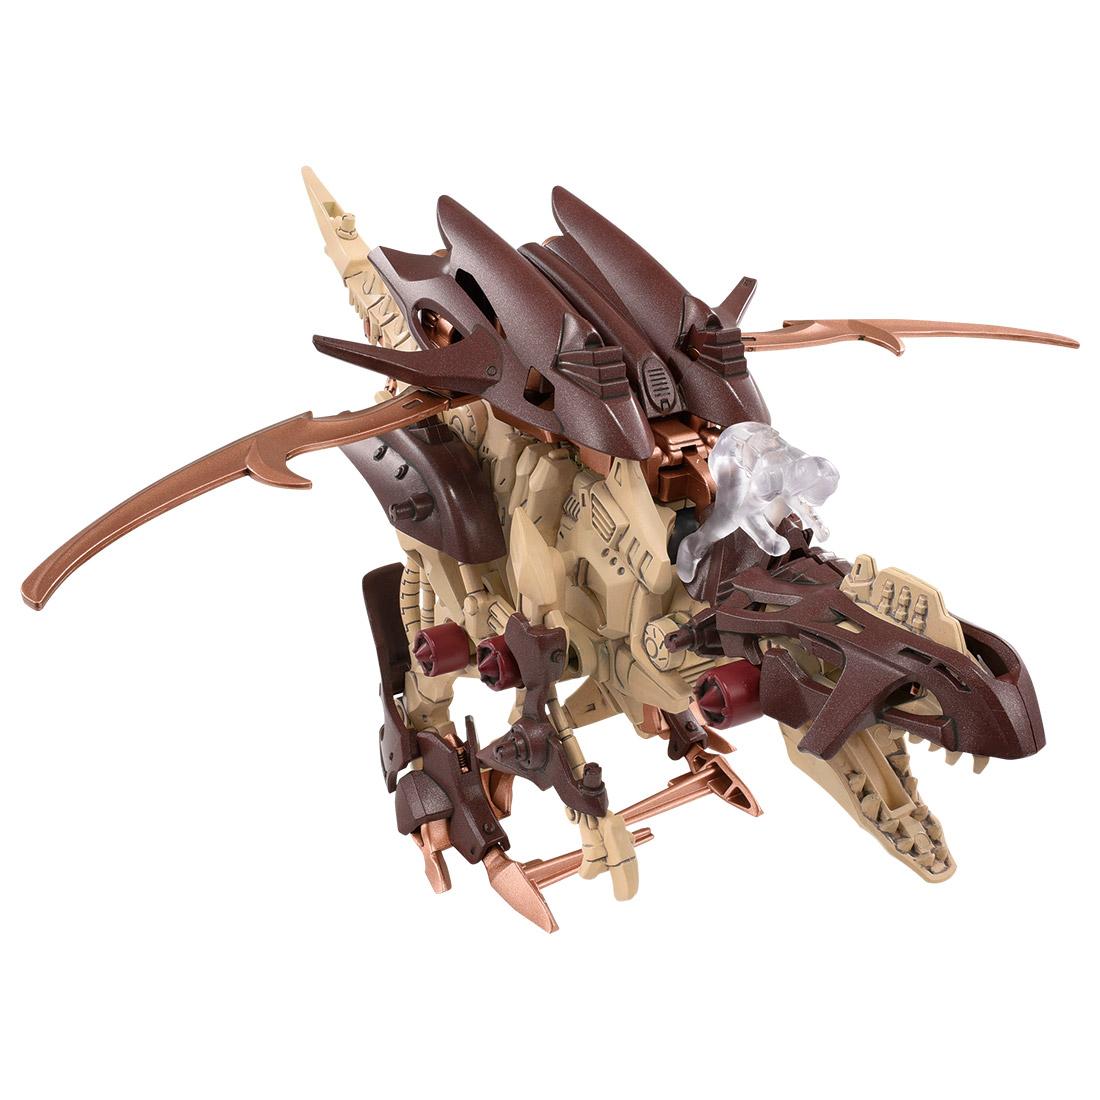 【恐竜博2019開催記念】ゾイドワイルド『ギルラプター レアボーンver.』組み立てキット-003